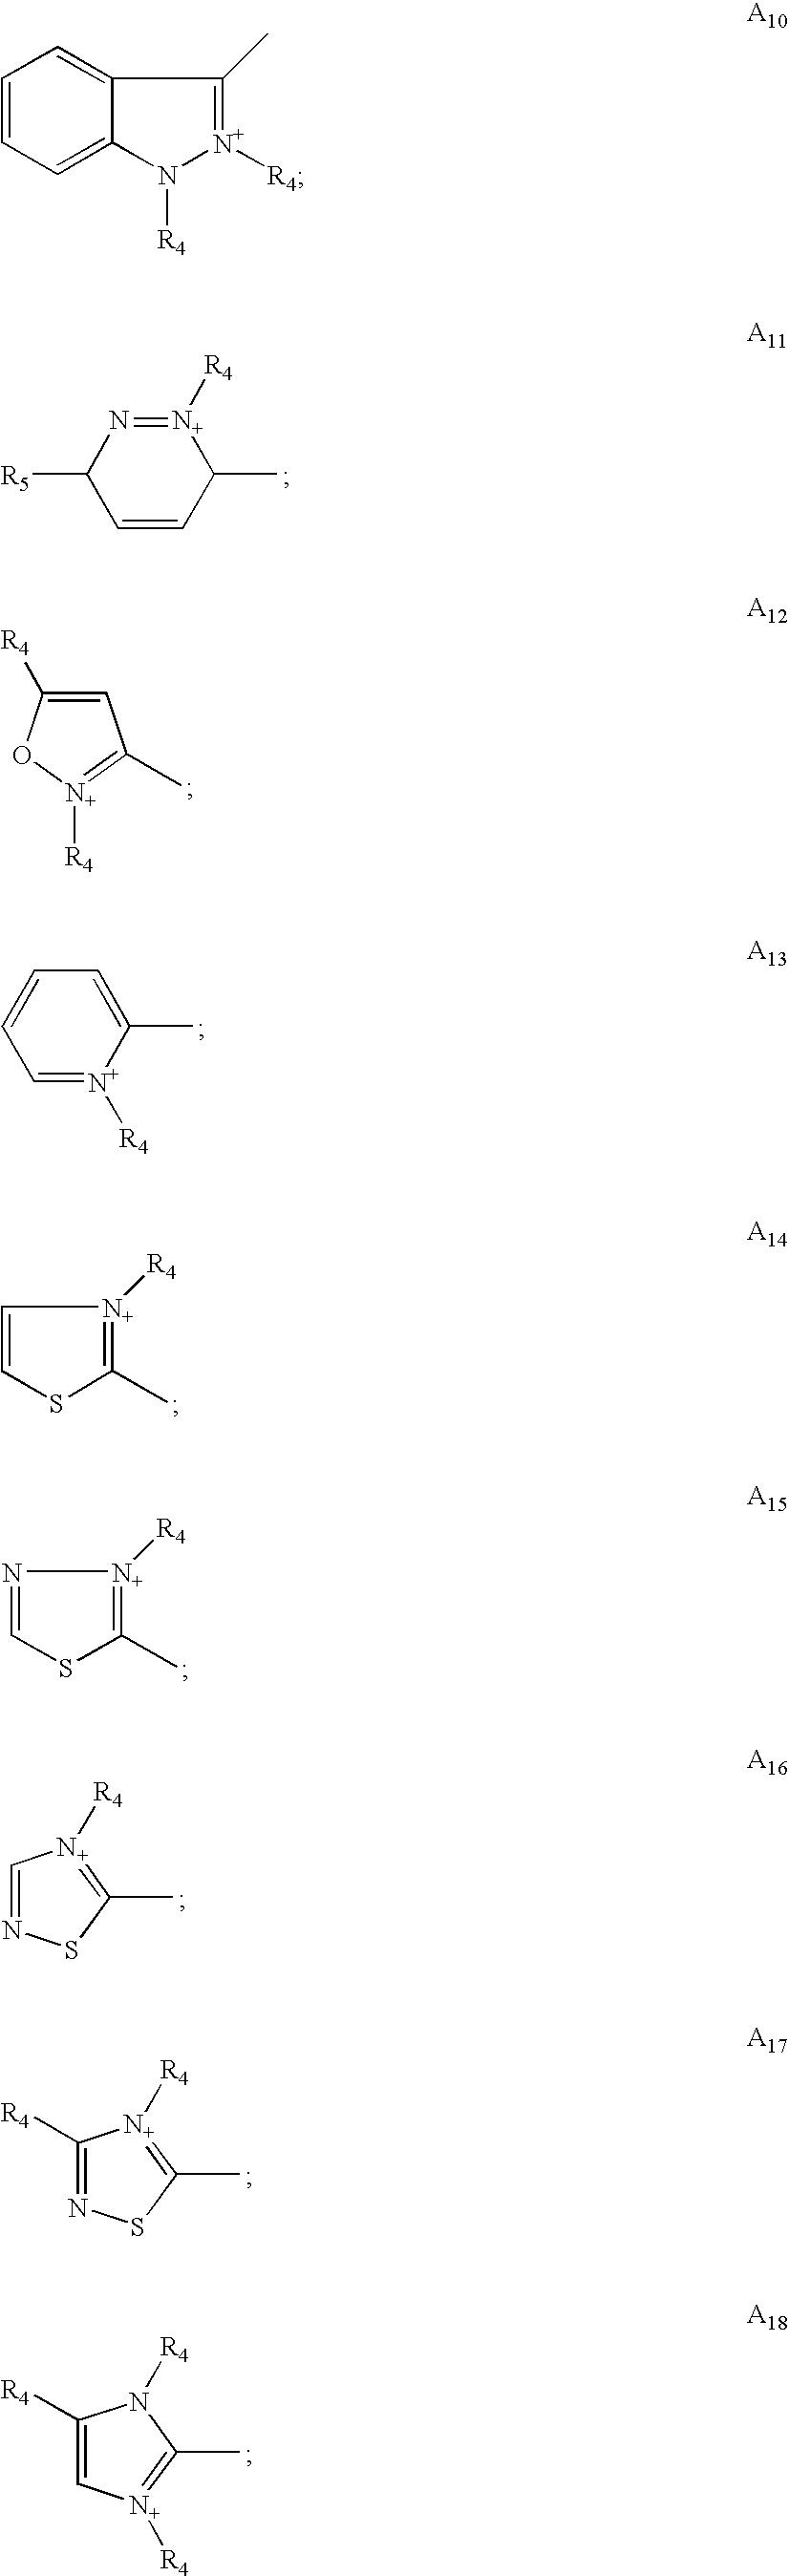 Figure US20100199441A1-20100812-C00008